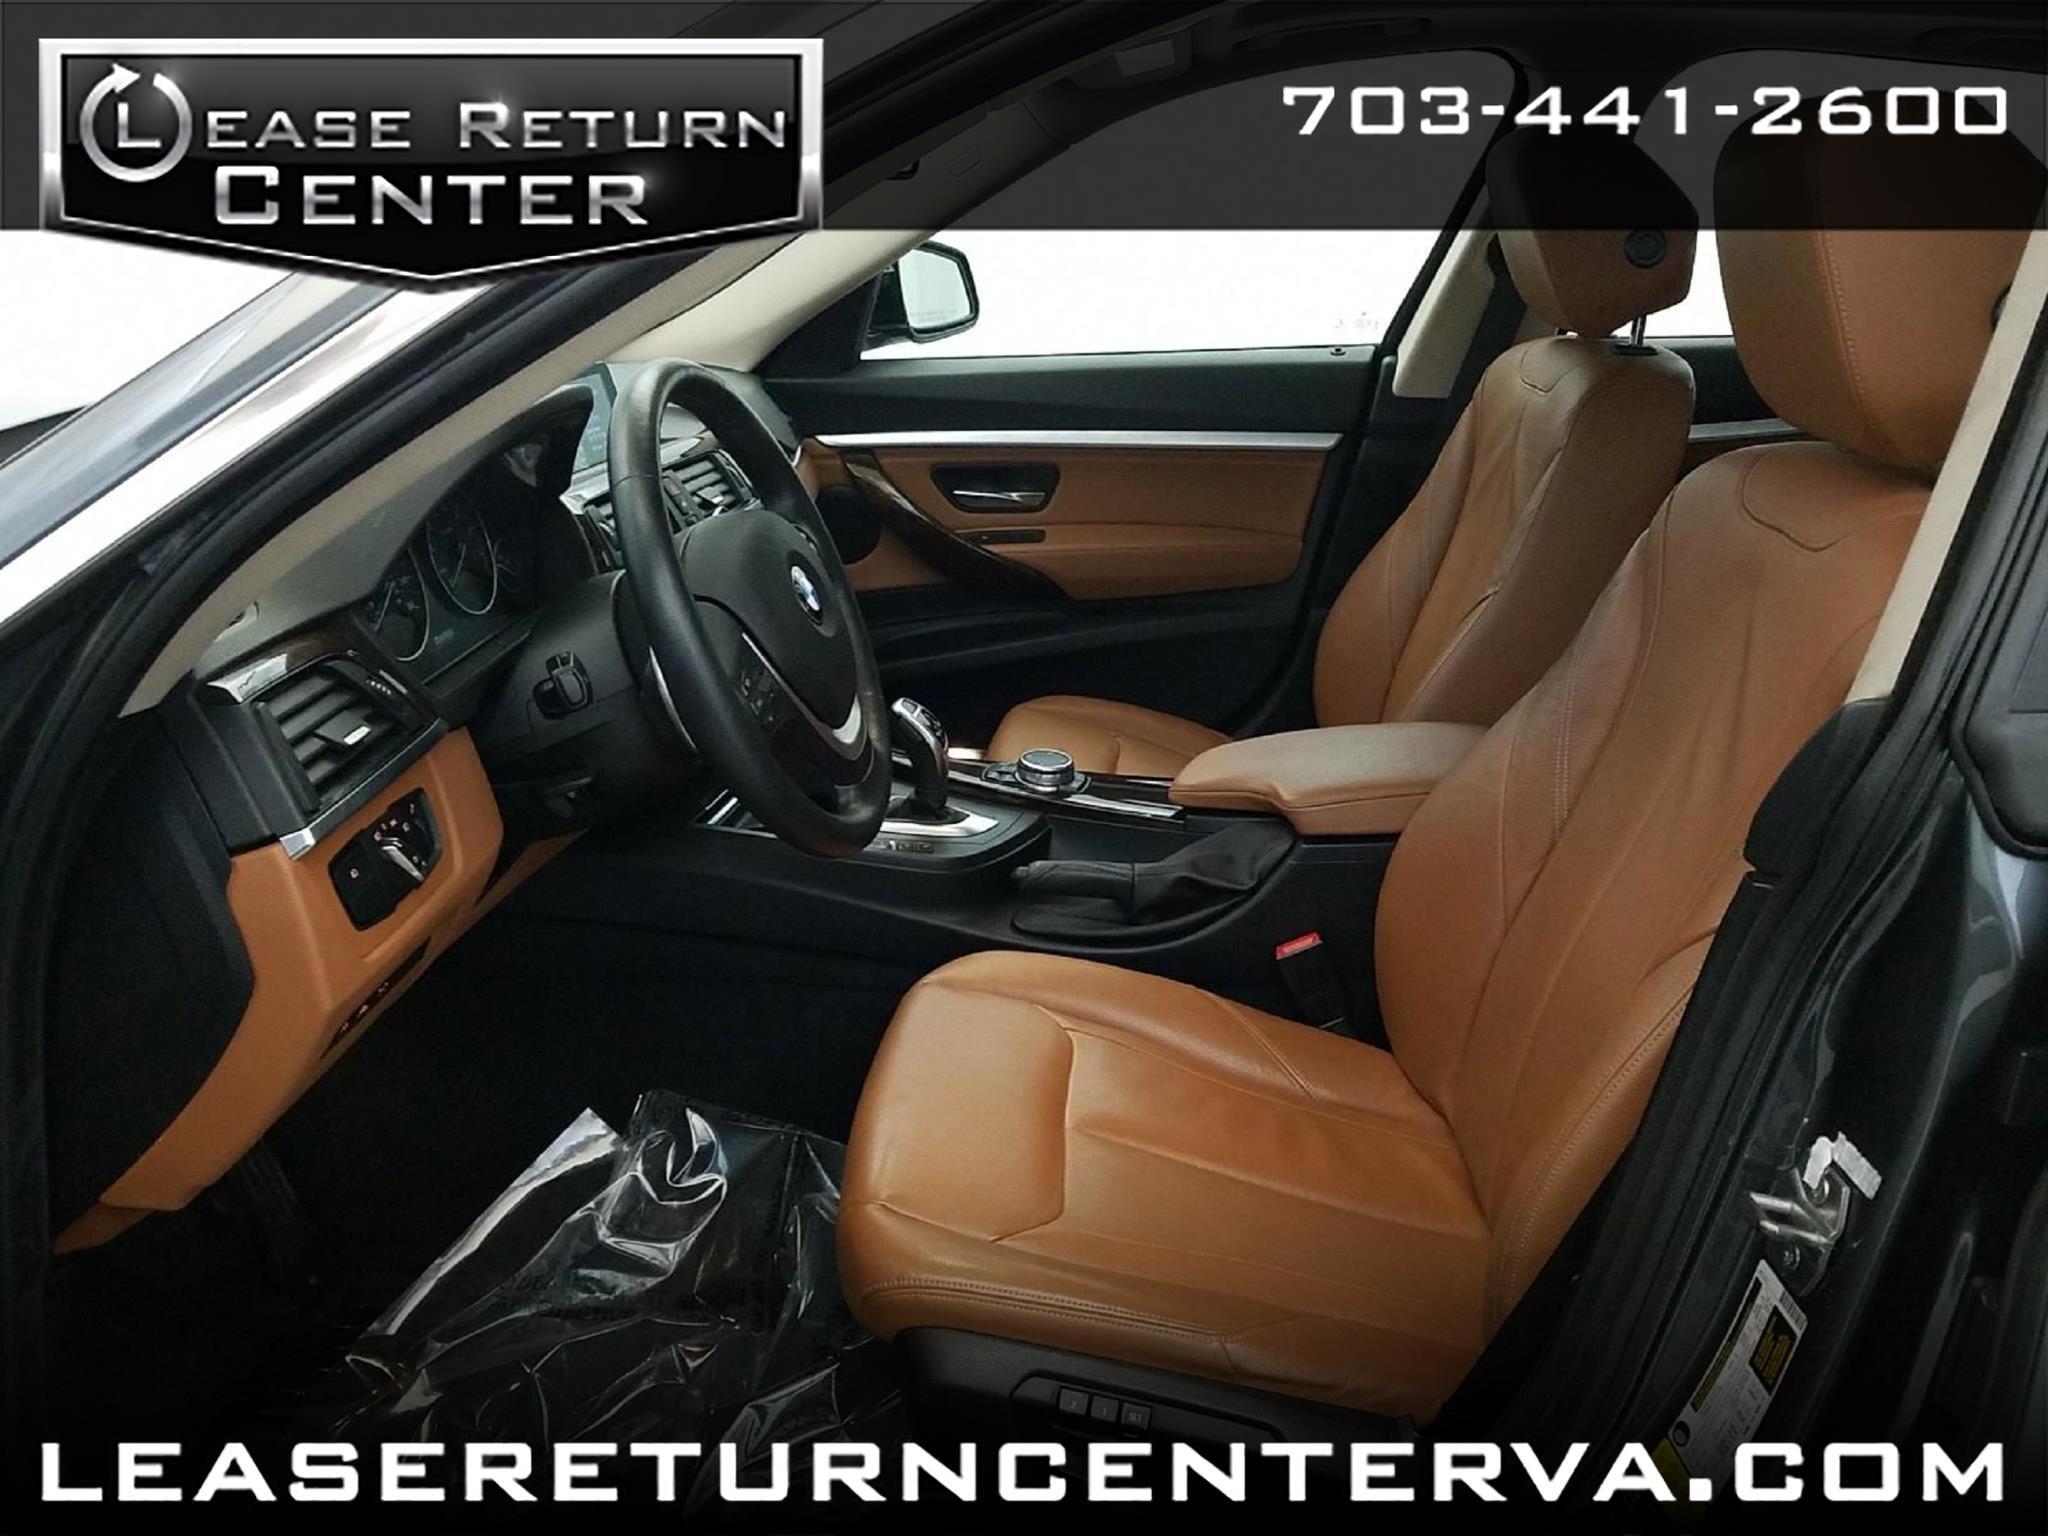 2015 BMW 3 Series Gran Turismo 5dr 328i xDrive Gran Turismo AWD